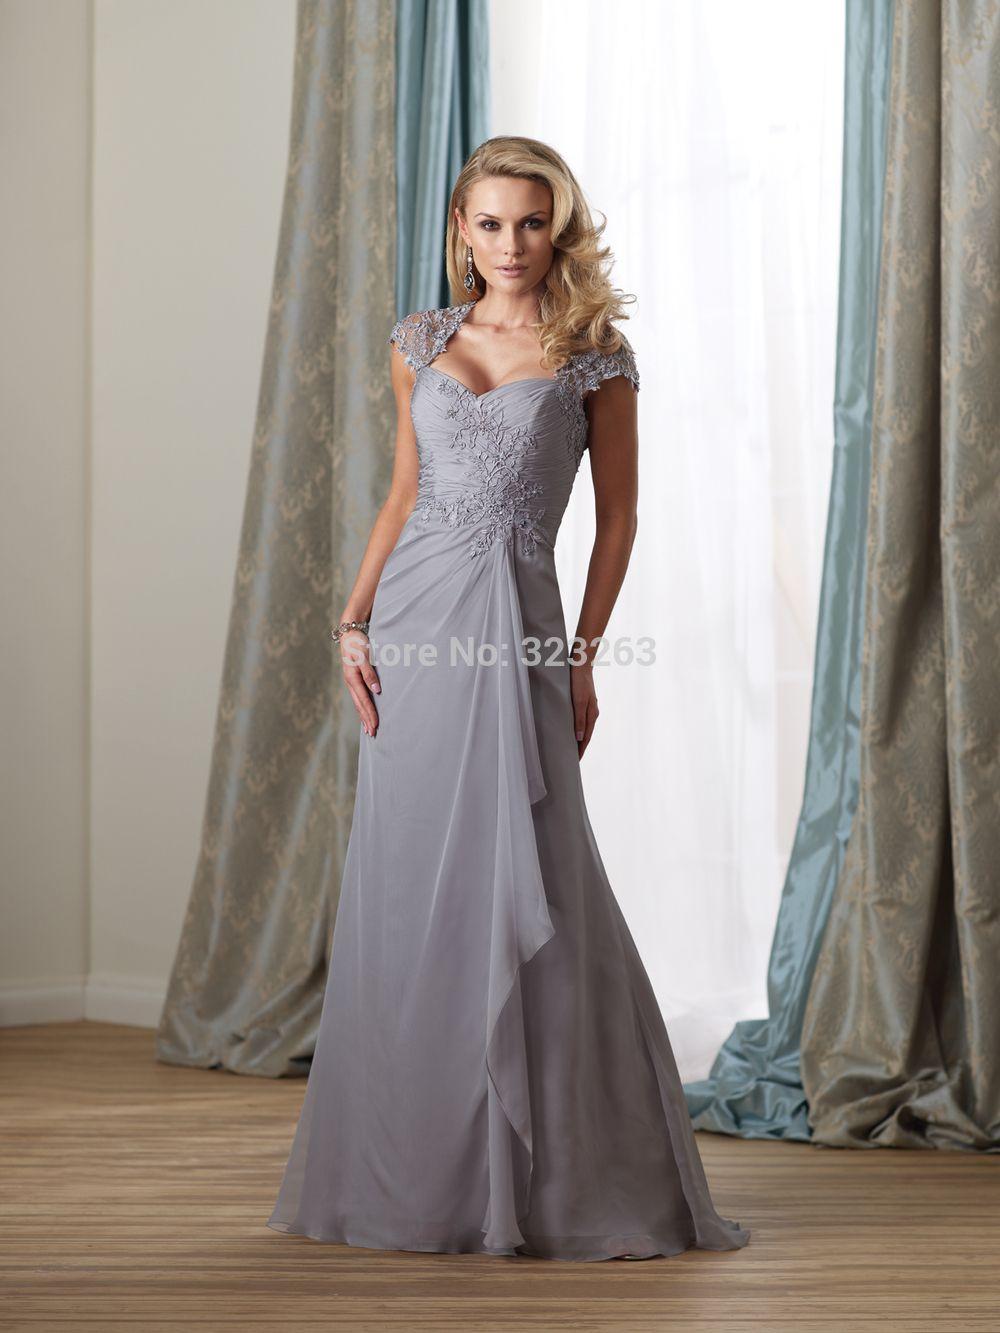 vestido para bodas de prata 2015 - Pesquisa Google | formal dresses ...